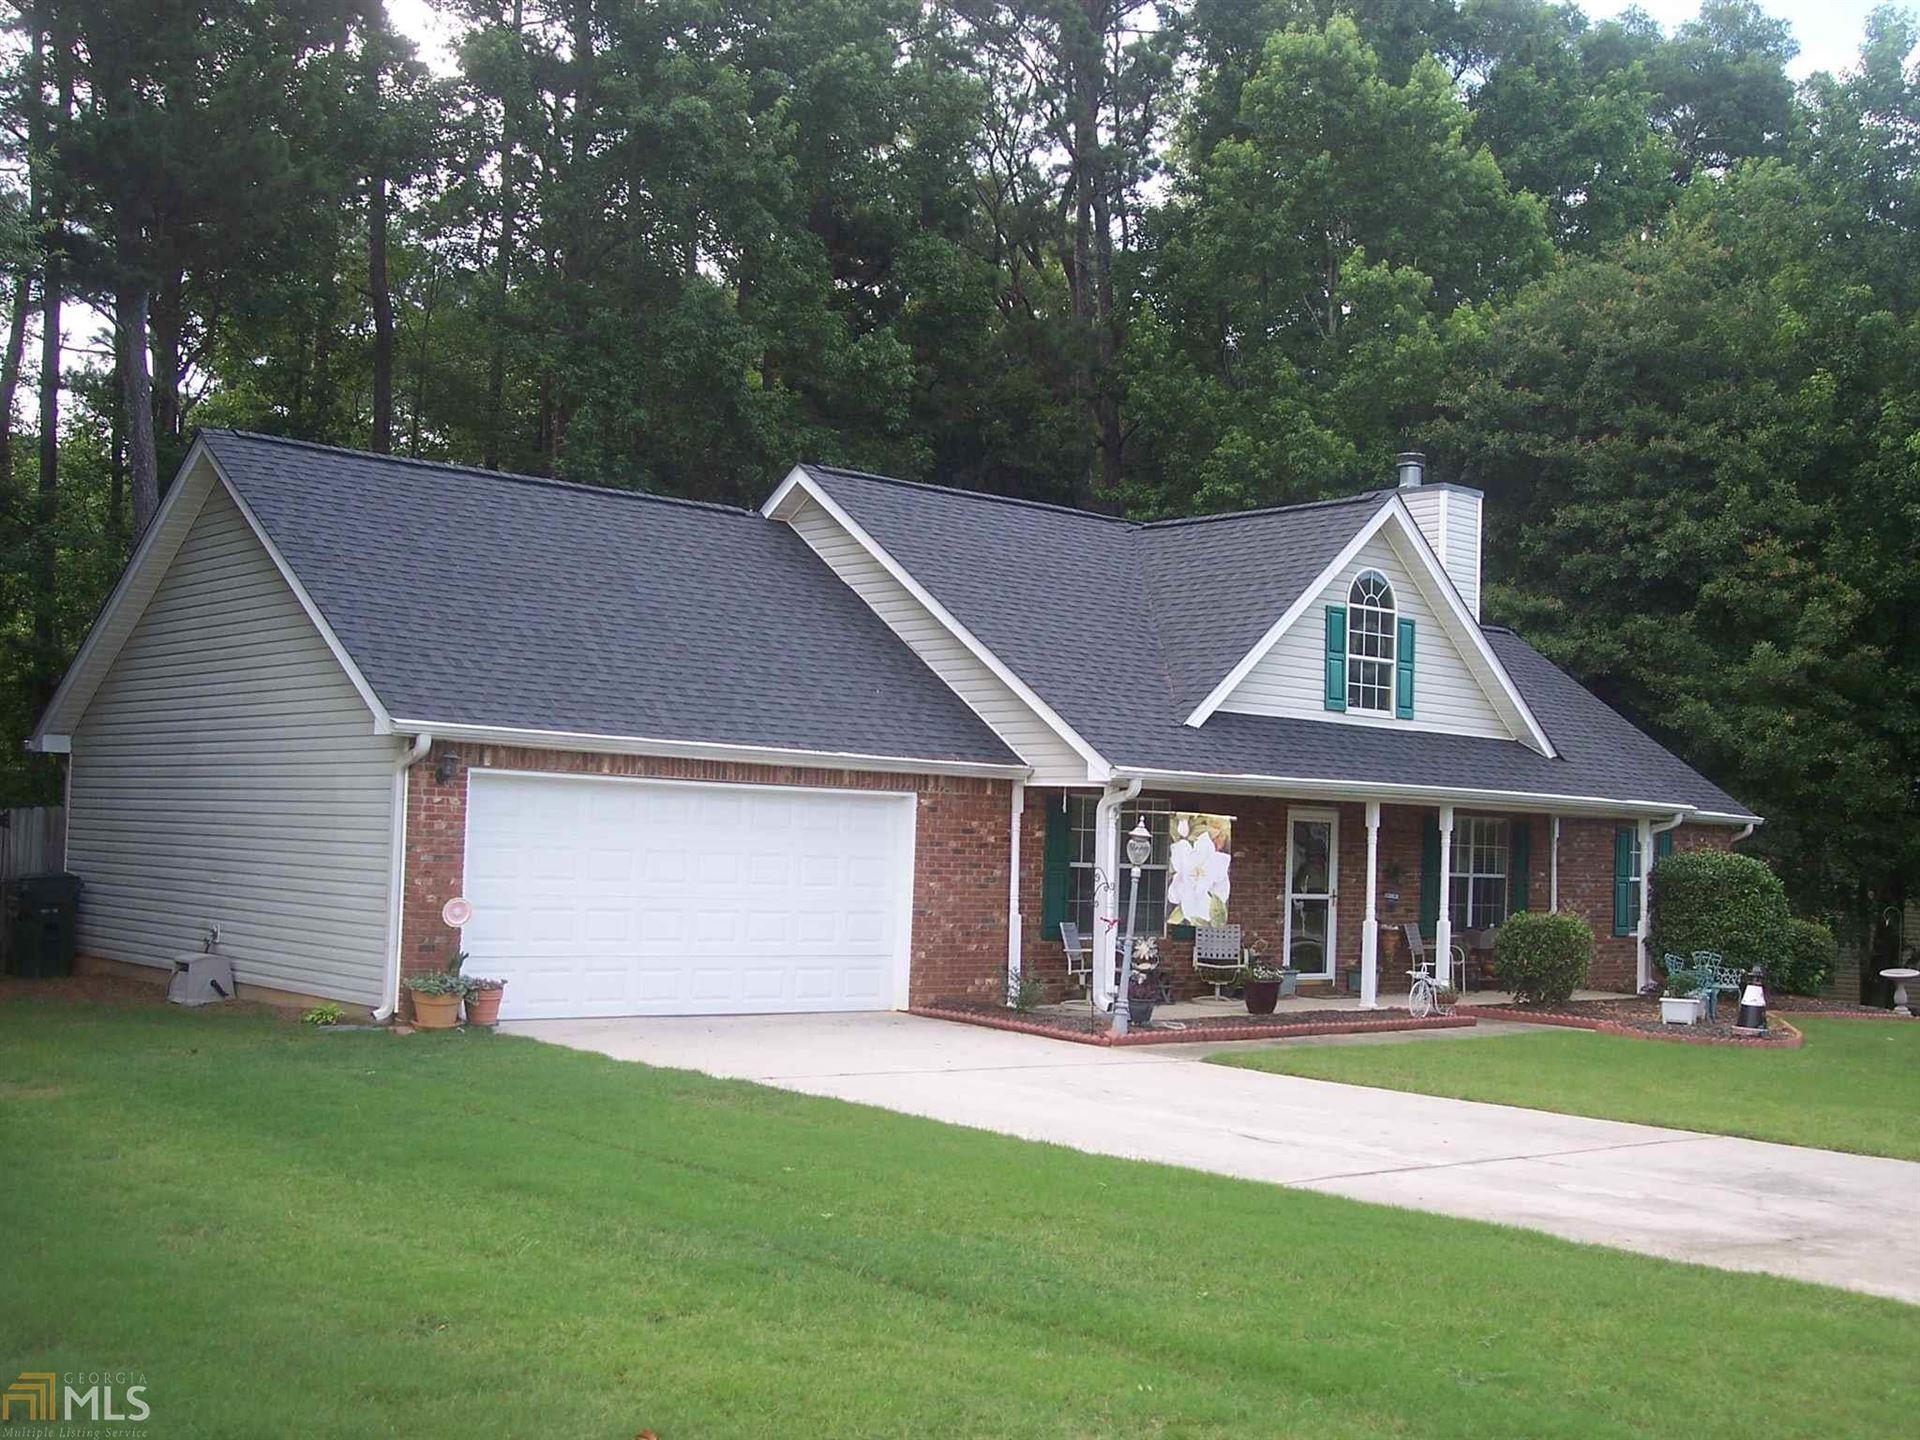 315 Magnolia Ln, Monroe, GA 30655 - MLS#: 8895586